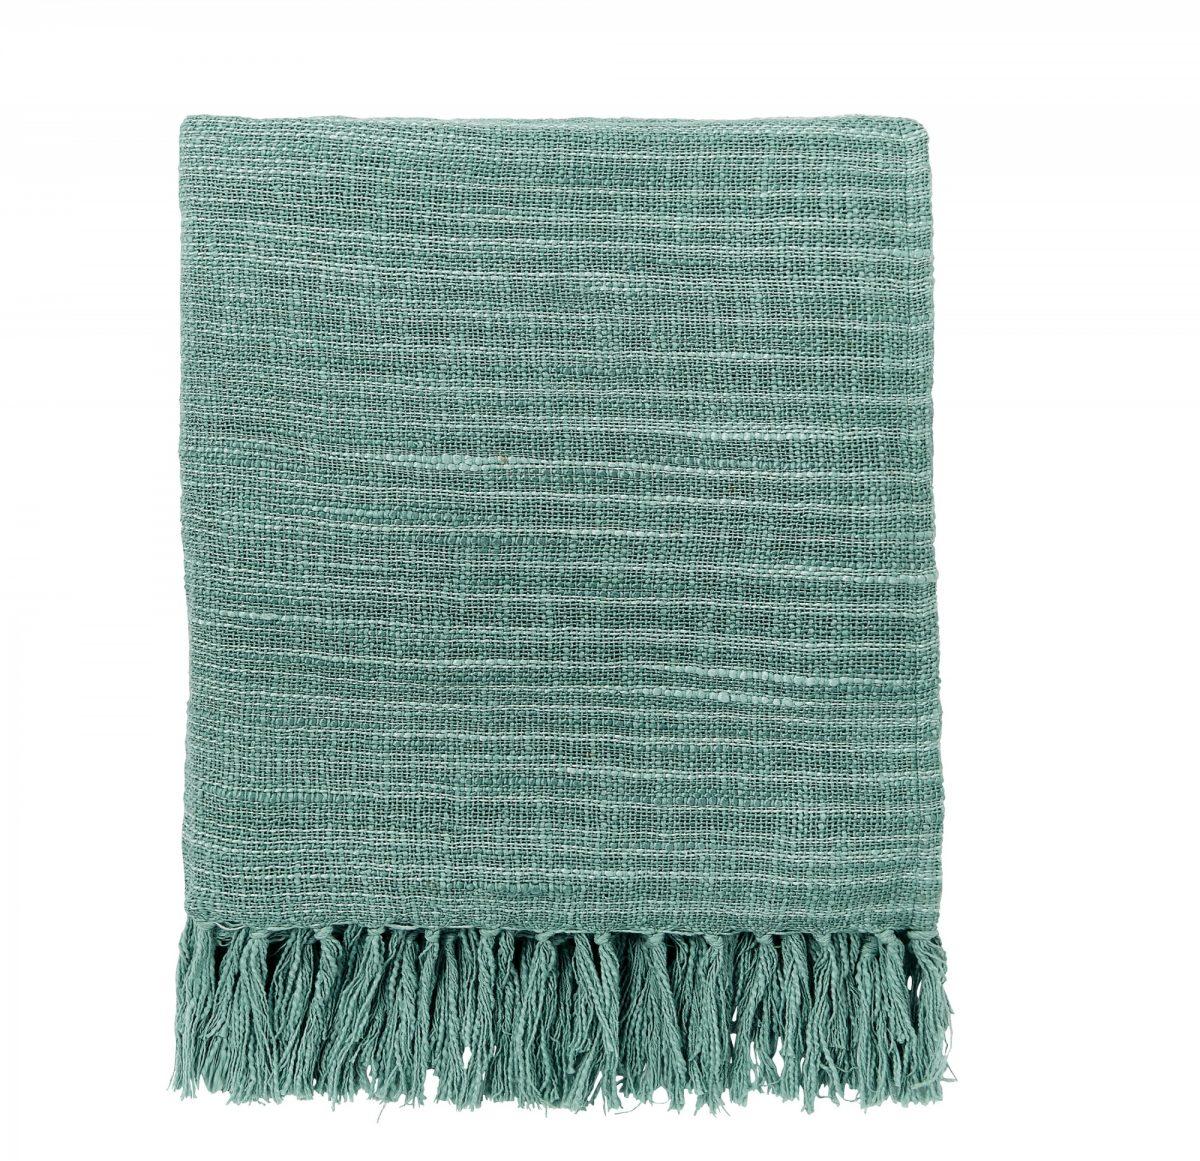 MORRIS Wilhelmina knitted throw co